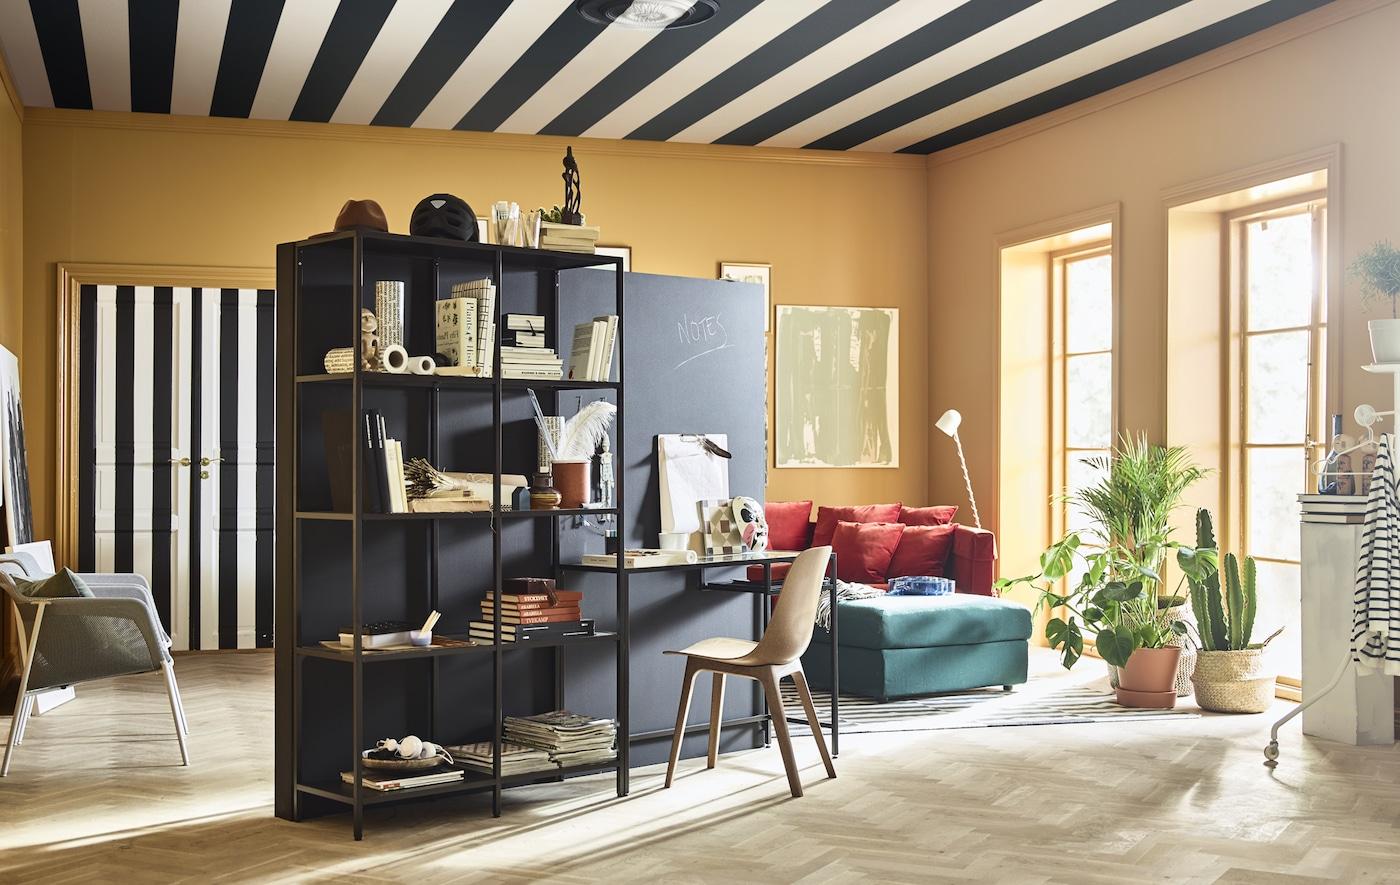 Wohnzimmer Inspiration Von Unserem Stylisten Saša